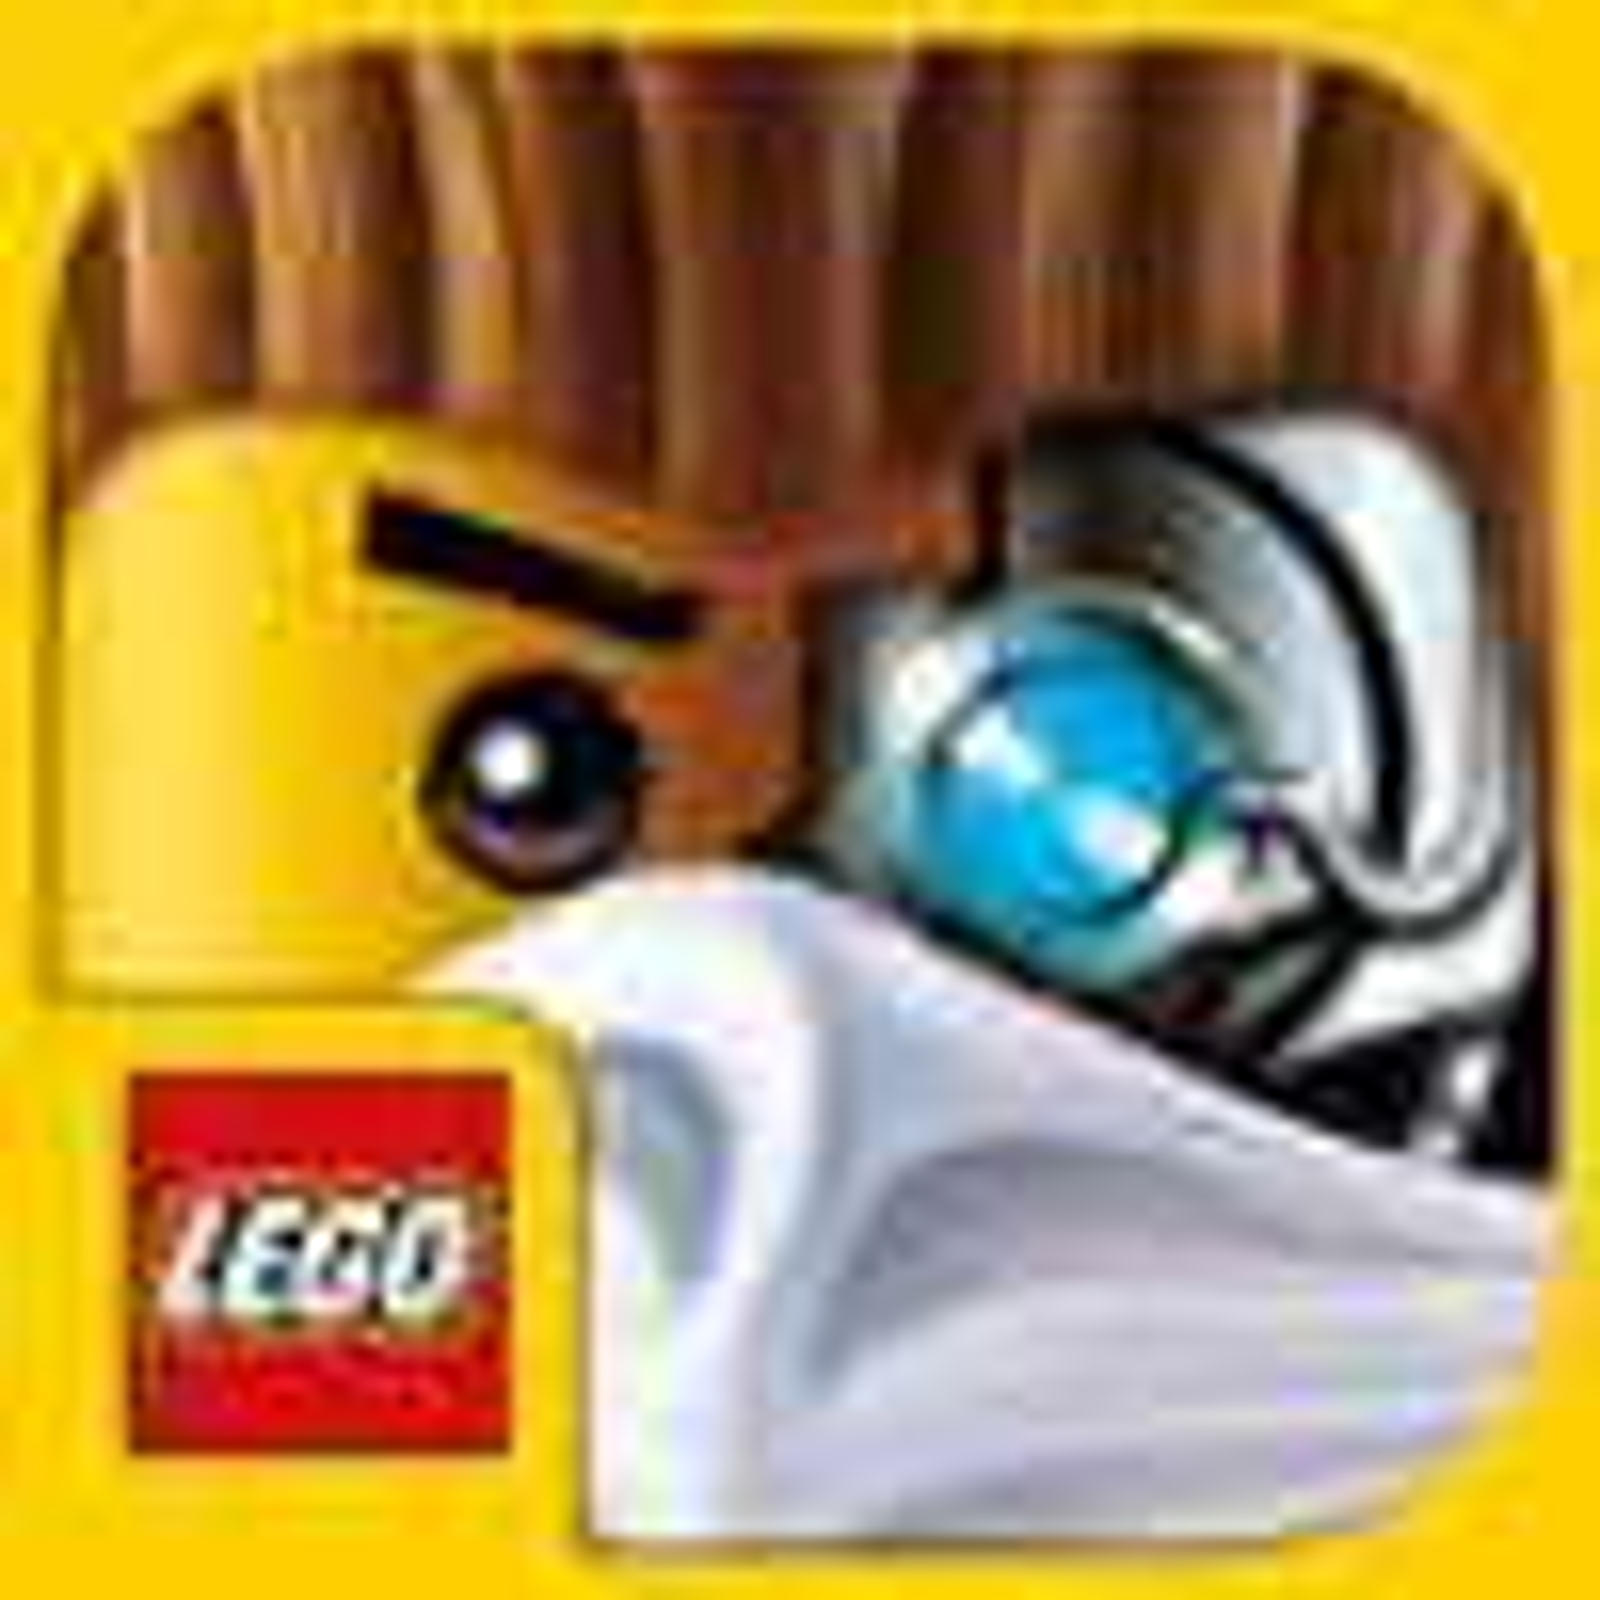 LEGO Ninjago REBOOTED 1.4.0